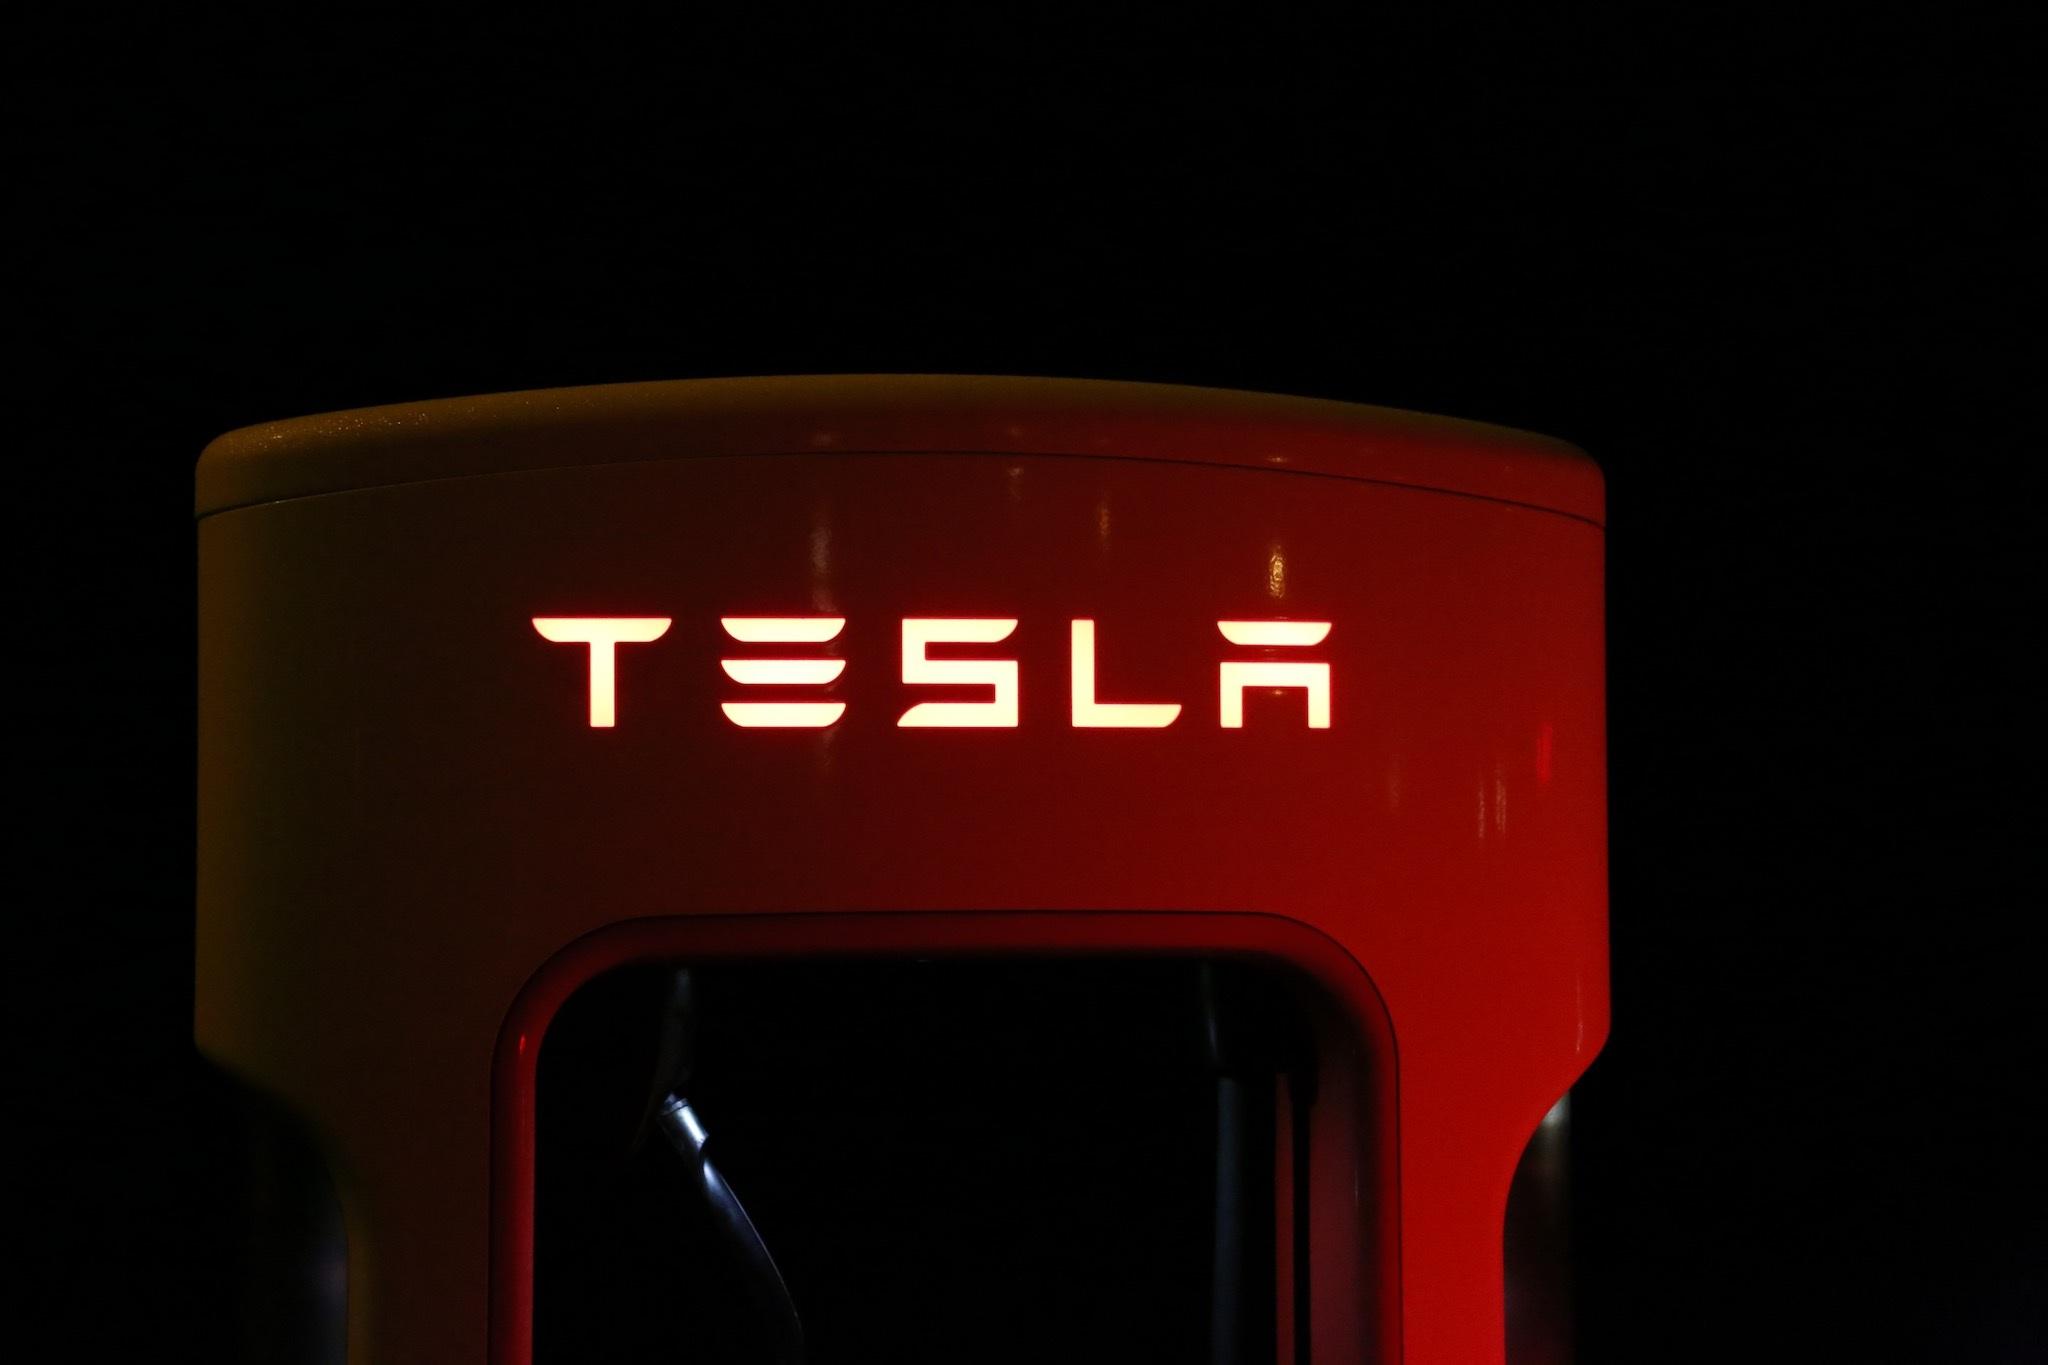 Tesla готовится к экспансии на массовый рынок и планирует удвоить количество зарядных станций в 2017 году